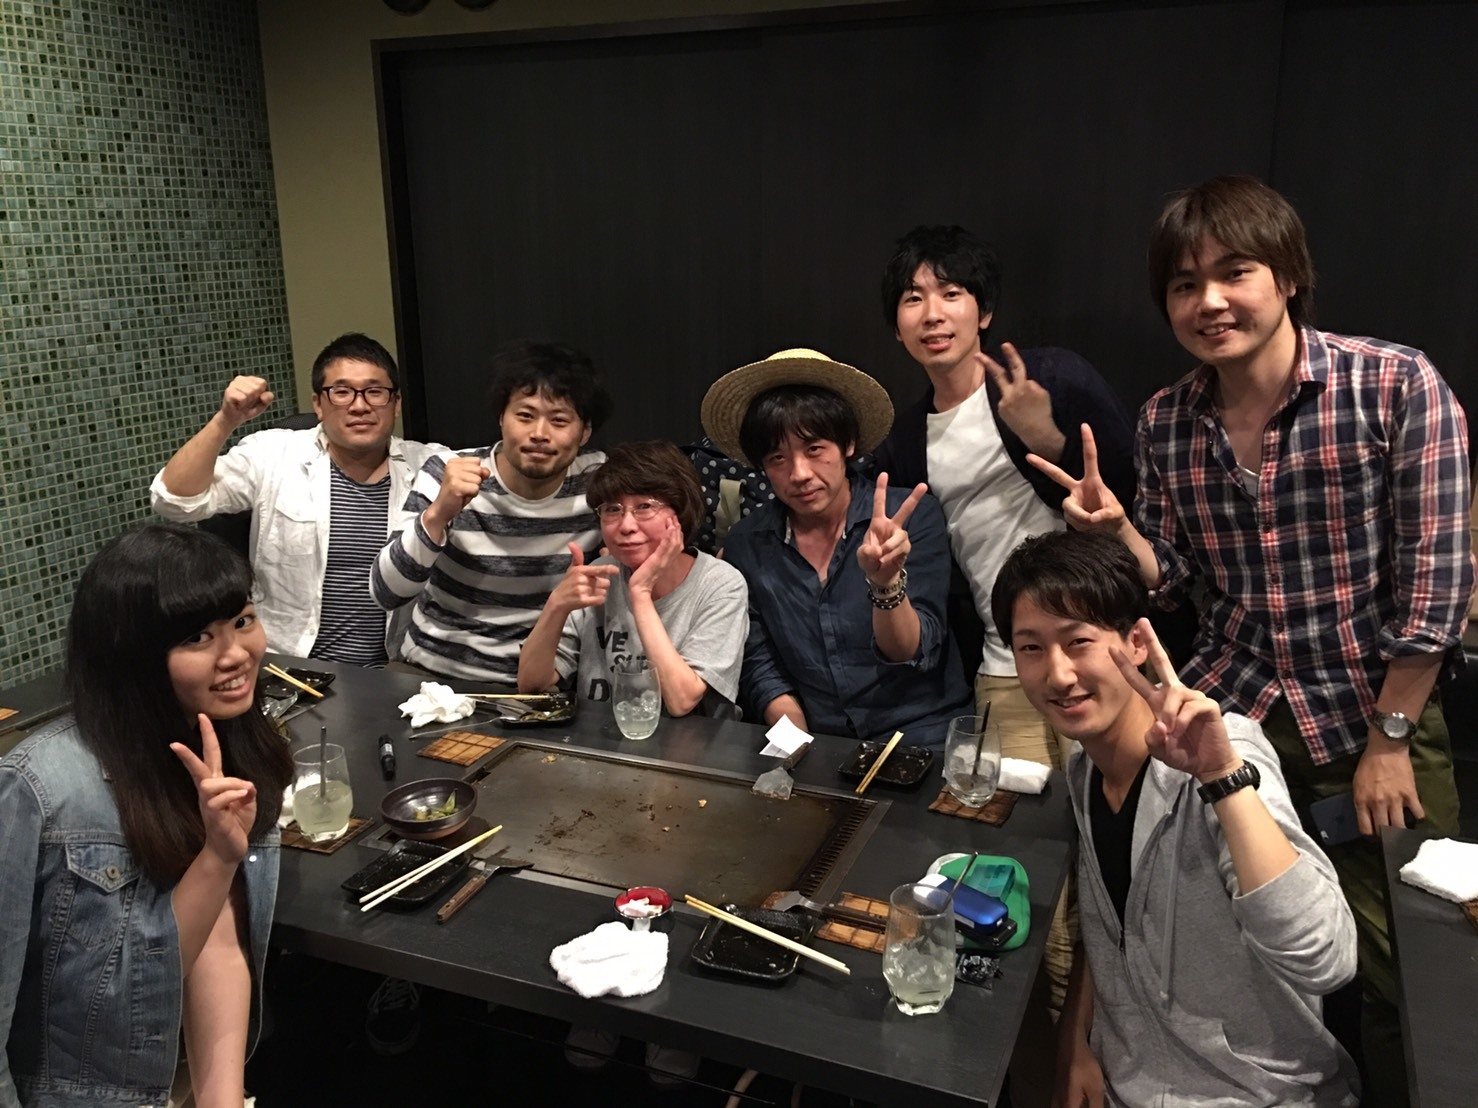 関西テレビ「NMBとまなぶくん」_a0163623_20451149.jpg